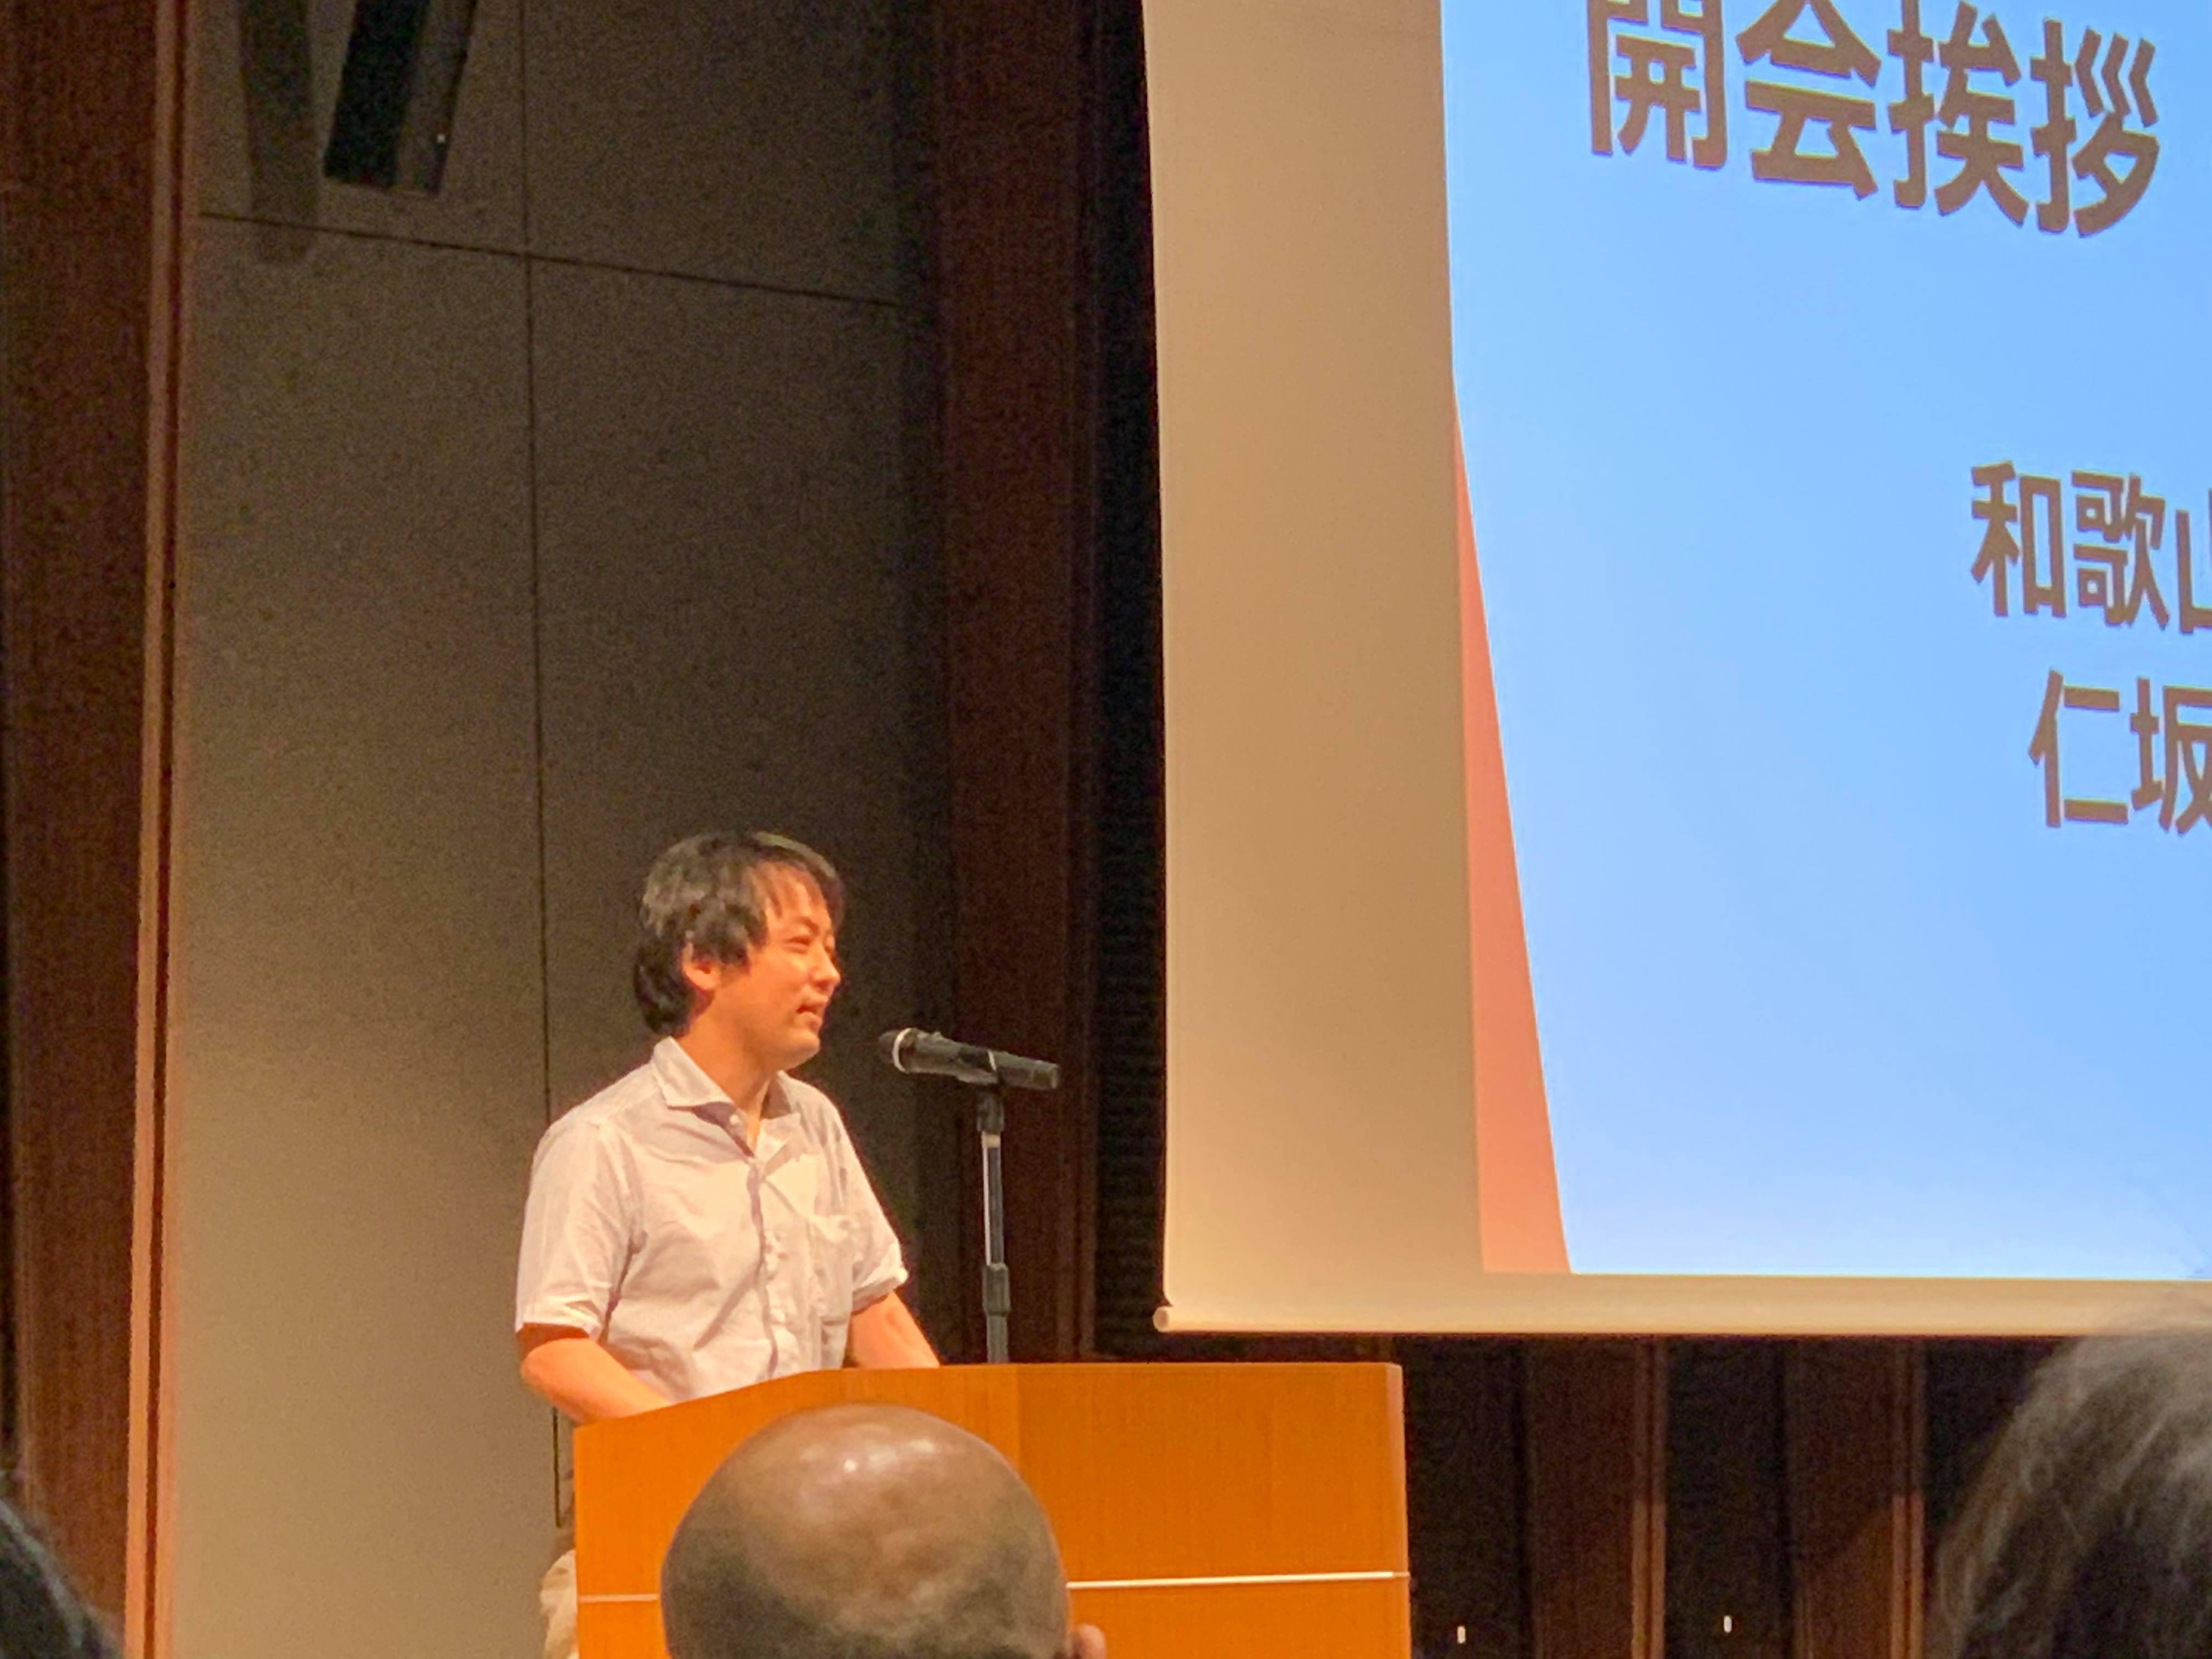 【イベントレポート】ワーケーションは日本の職場において働き方変革のきっかけになるのか?(寄稿者 奄美市産業創出プロデューサー 勝 眞一郎さん)